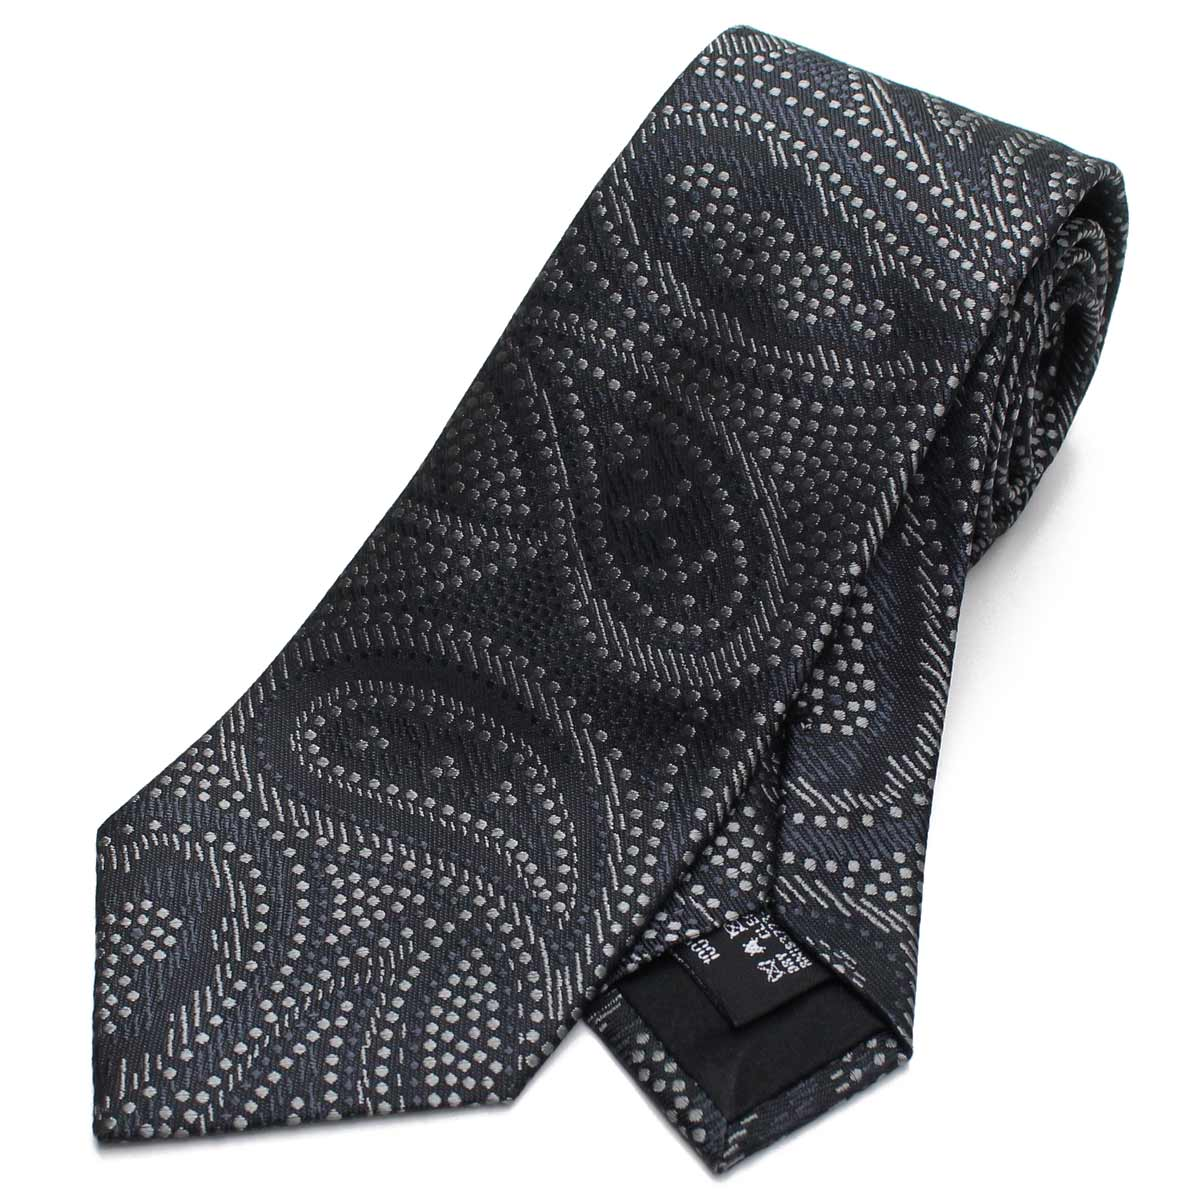 ジョルジオ アルマーニ GIORGIO ARMANI ペイズリー柄 シルク ネクタイ レギュラータイ 360054 8A851 00020 BLACK ブラック 最安値挑戦中 メンズ